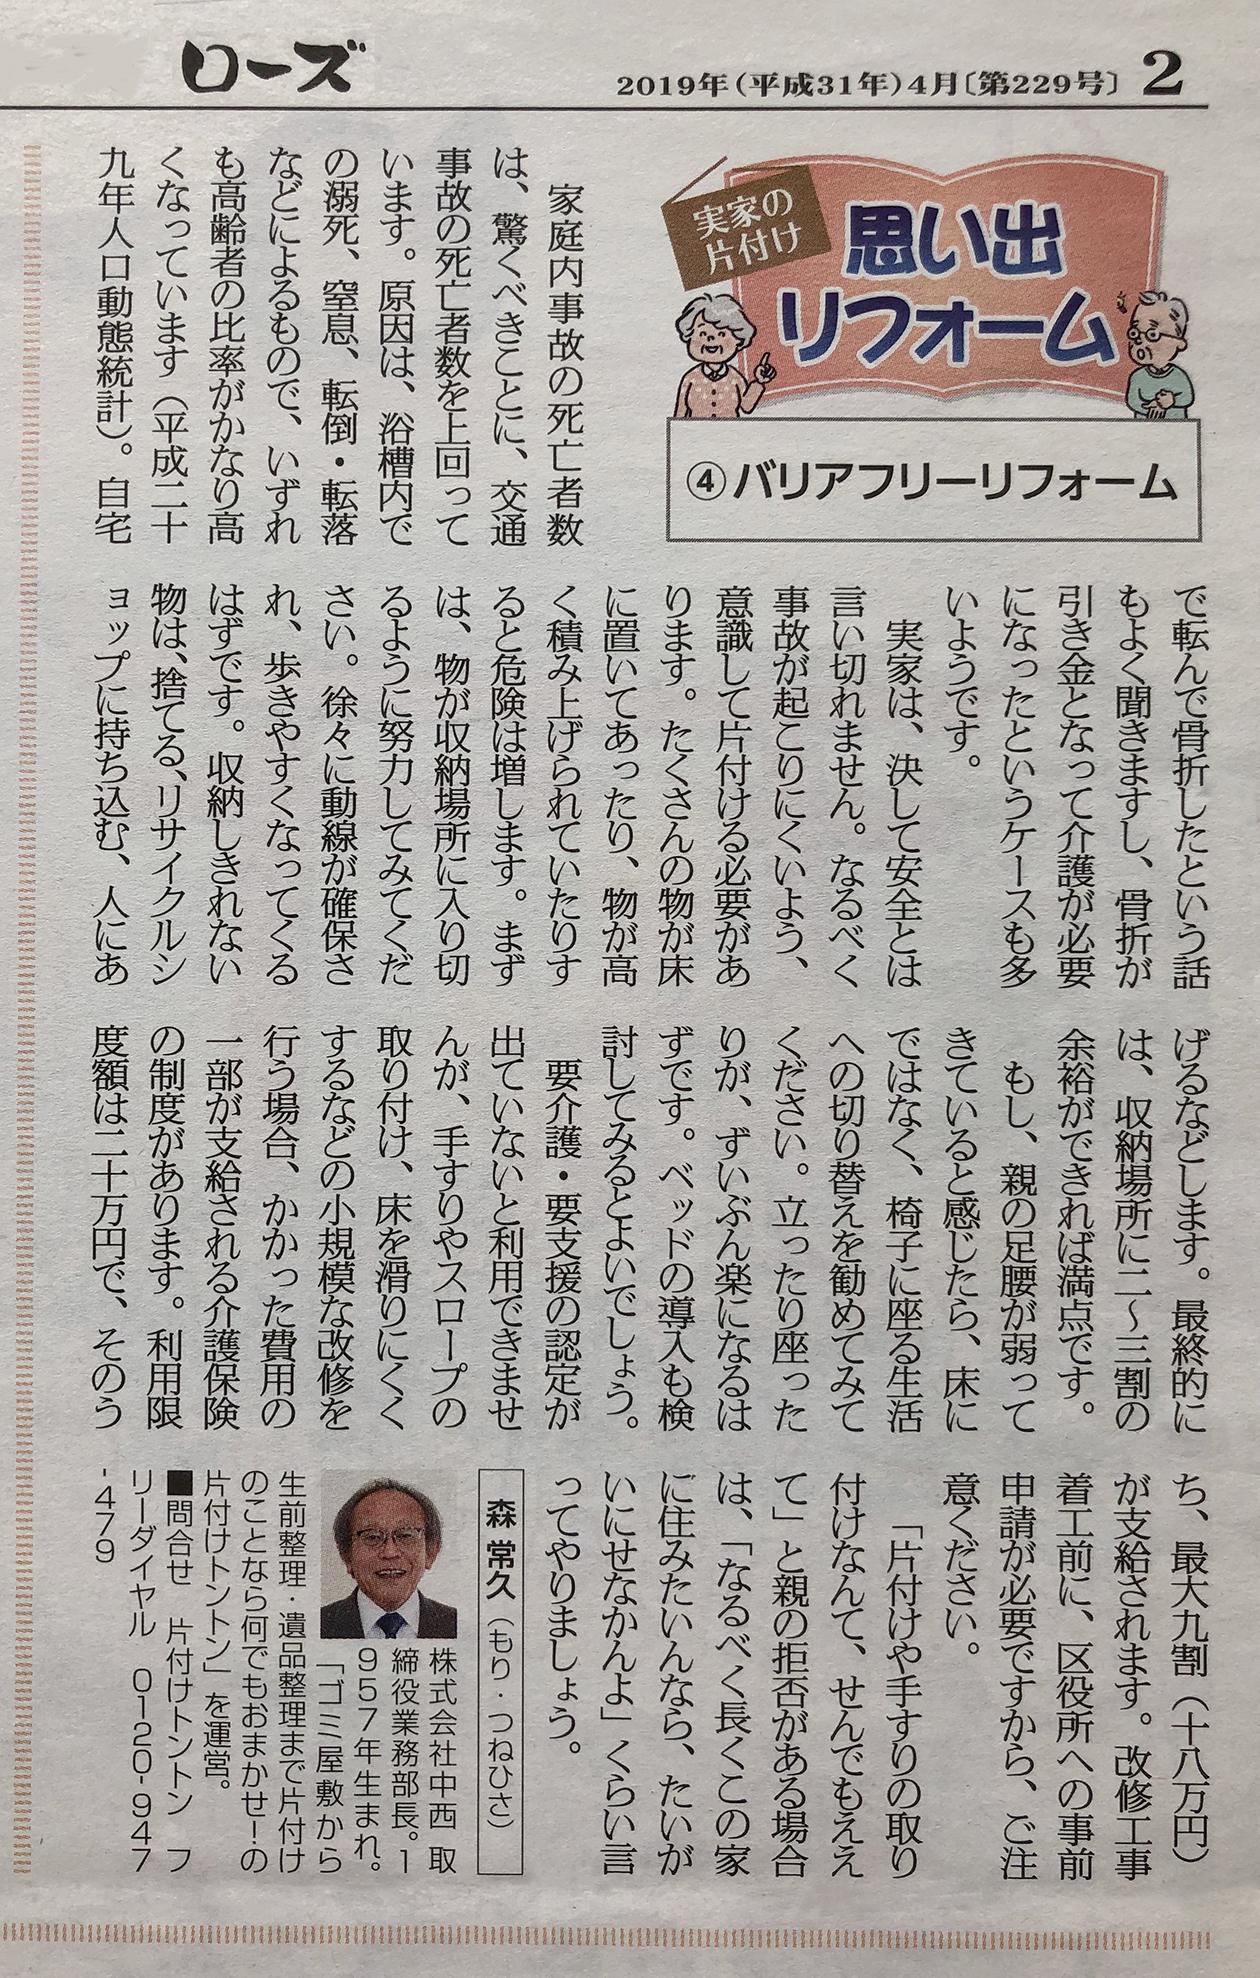 中日新聞朝刊折込 シニア情報紙『ローズ』4月号の写真